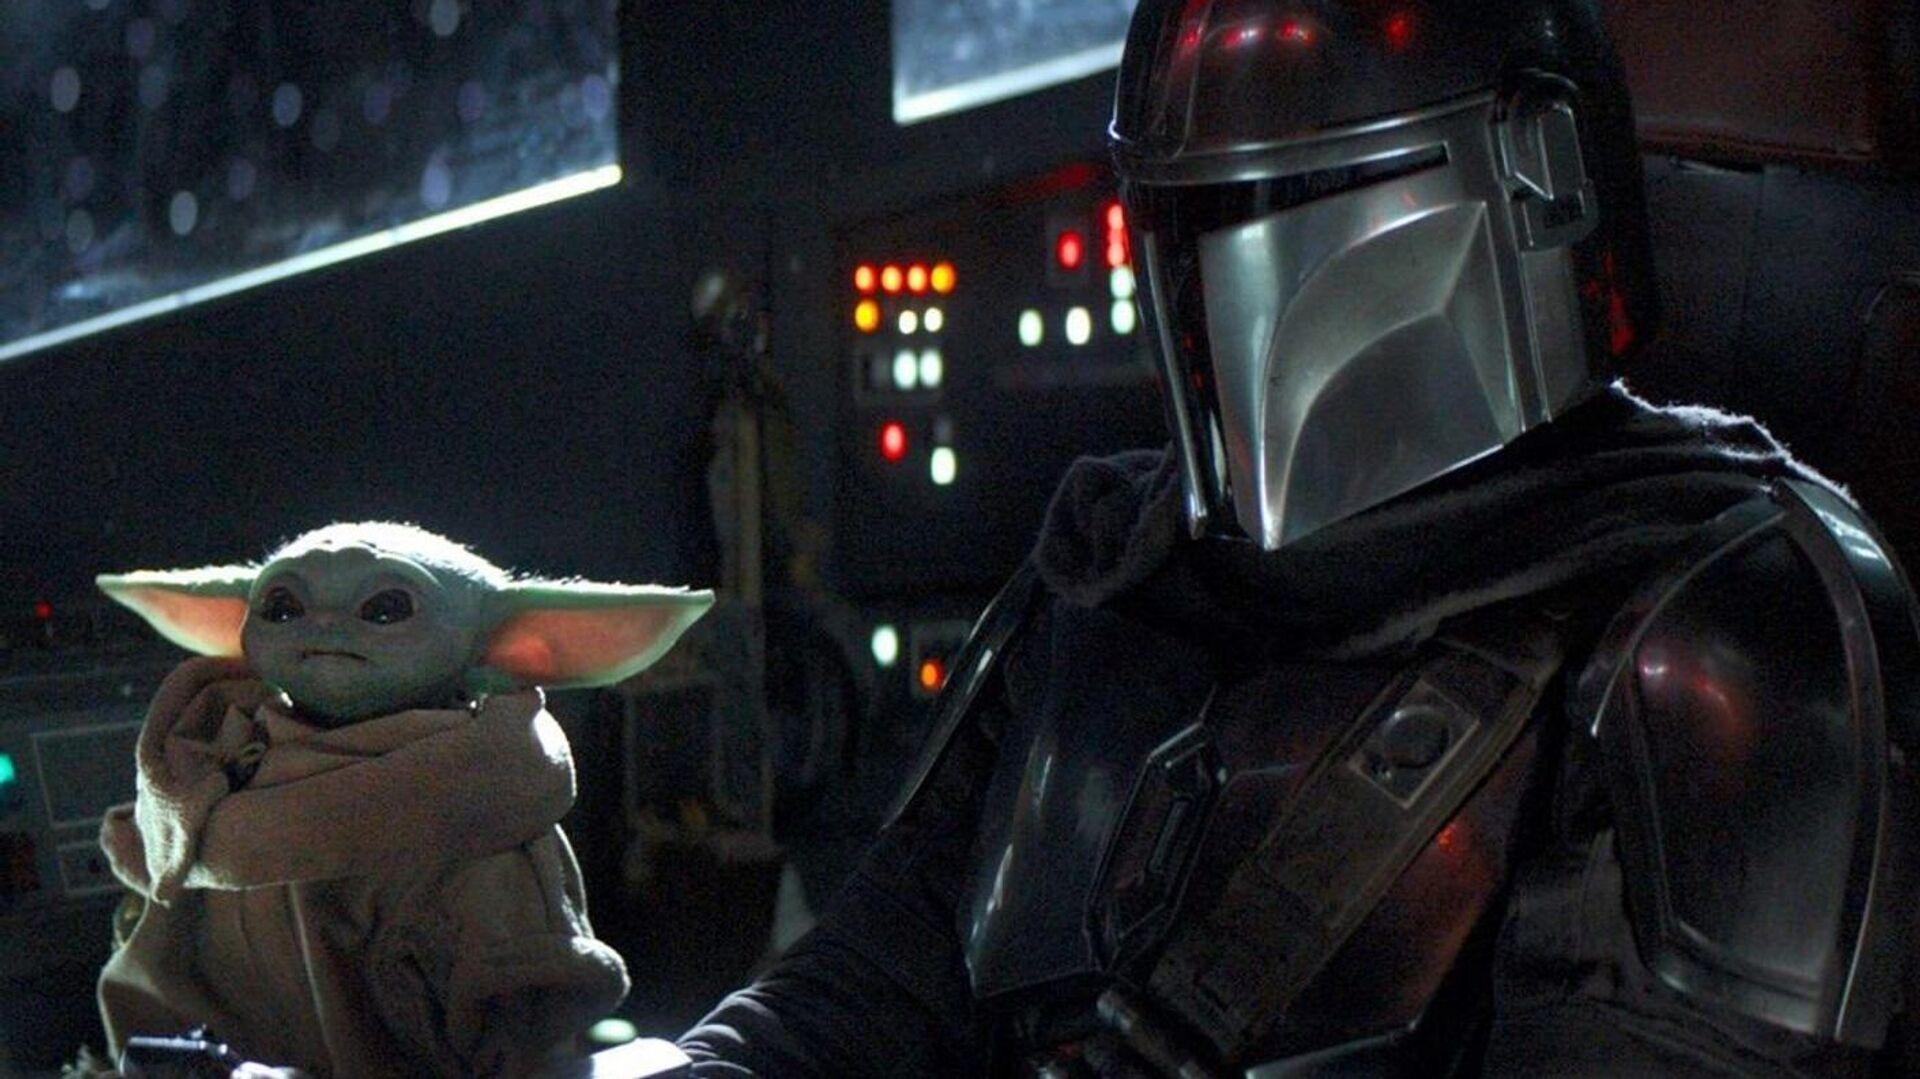 Baby Yoda y Mando en The Mandalorian, la serie de Star Wars - Sputnik Mundo, 1920, 05.07.2021